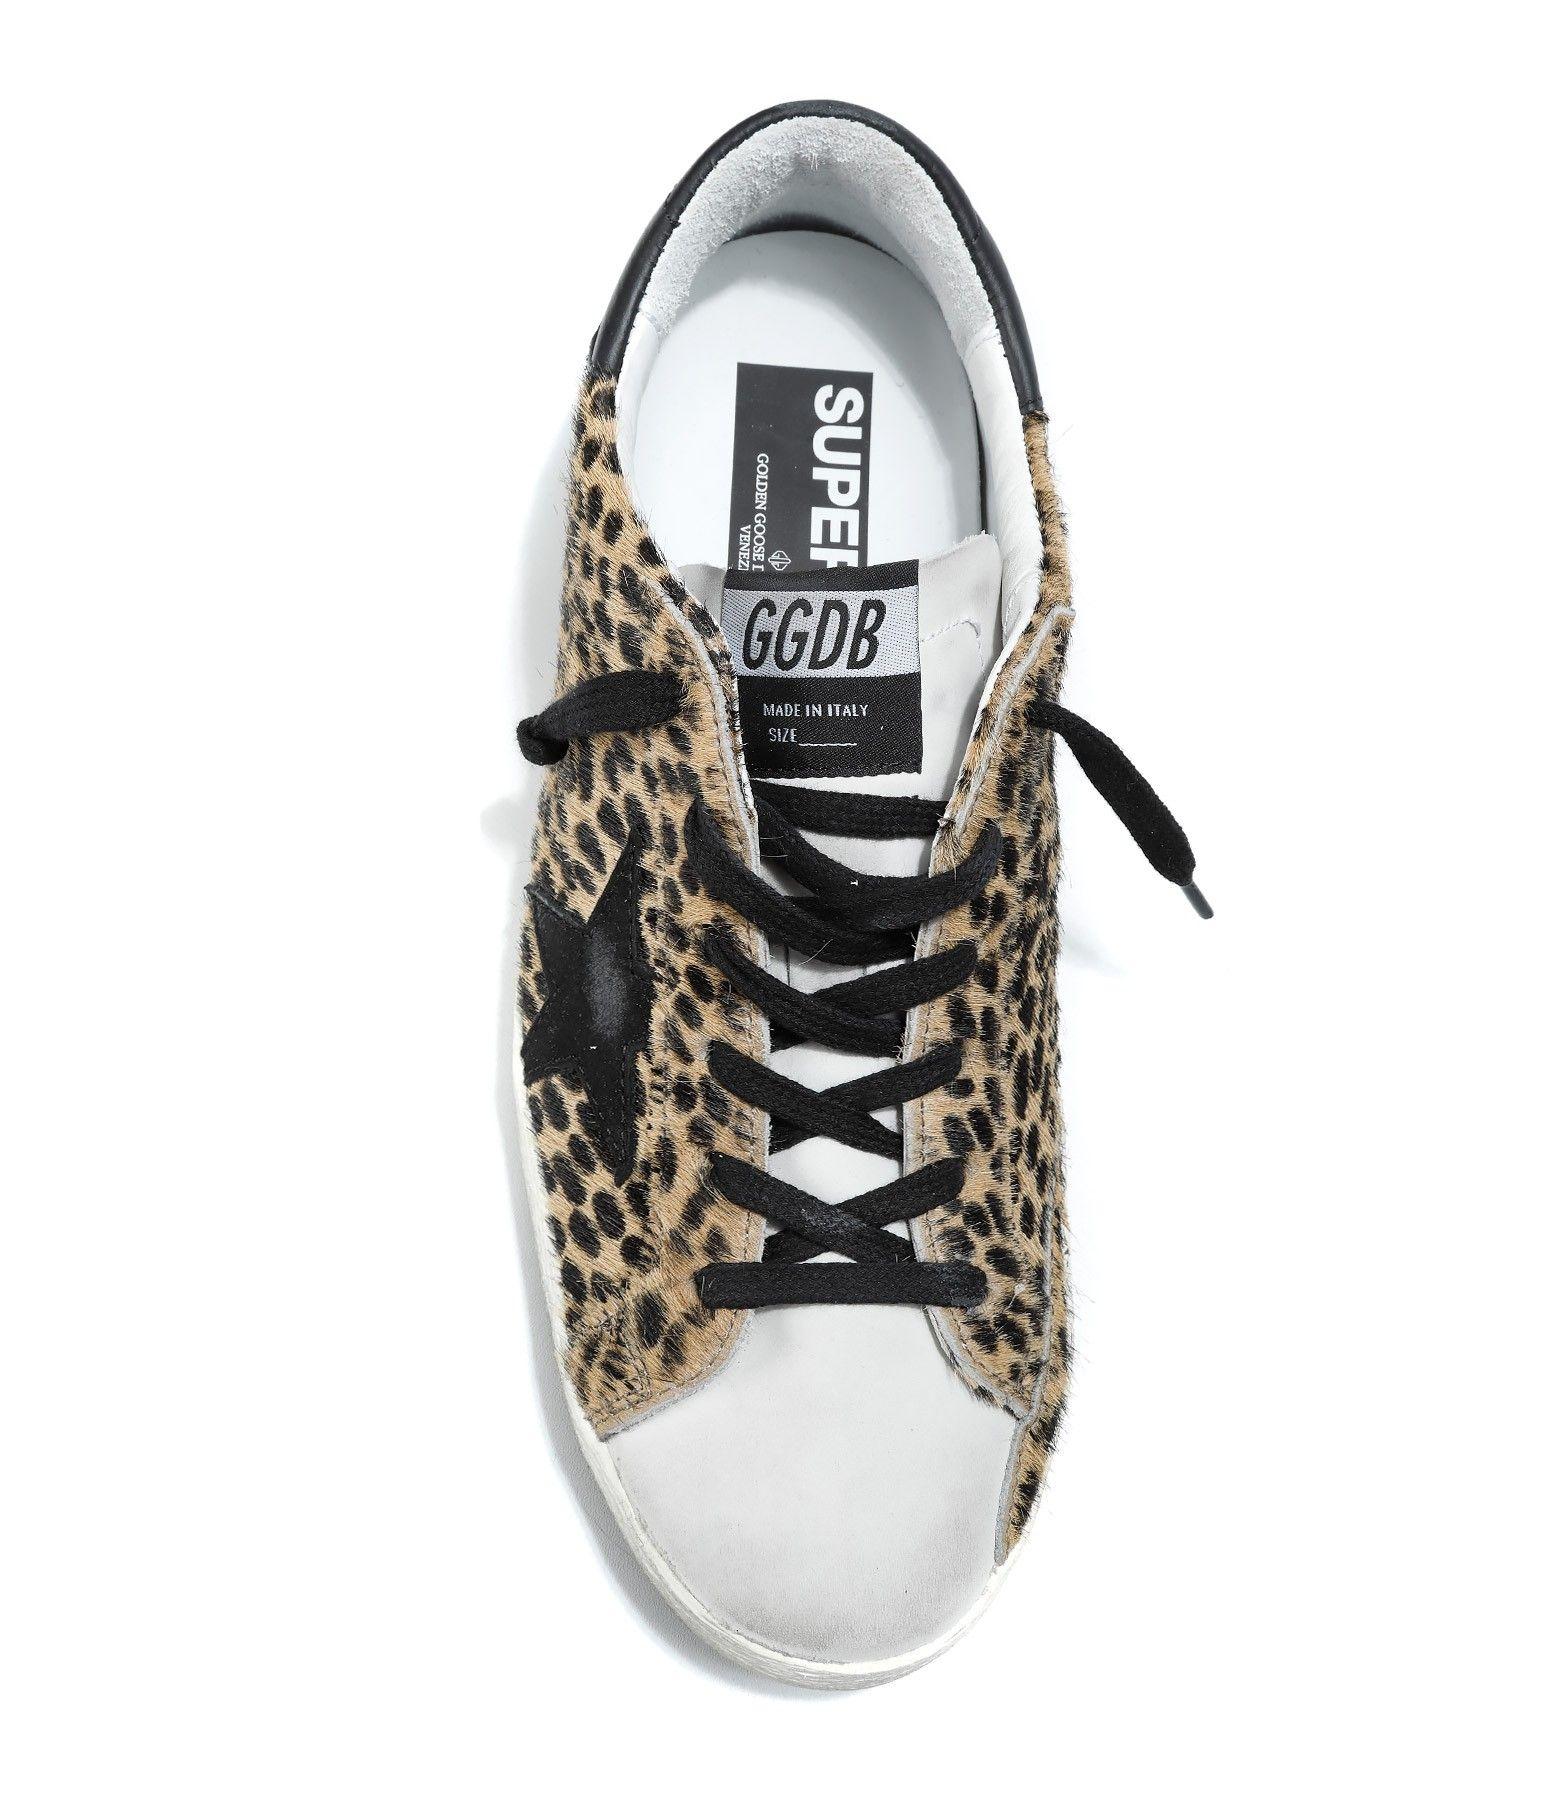 GOLDEN GOOSE Sneakers Superstar Exclu Lulli Leopard Pony